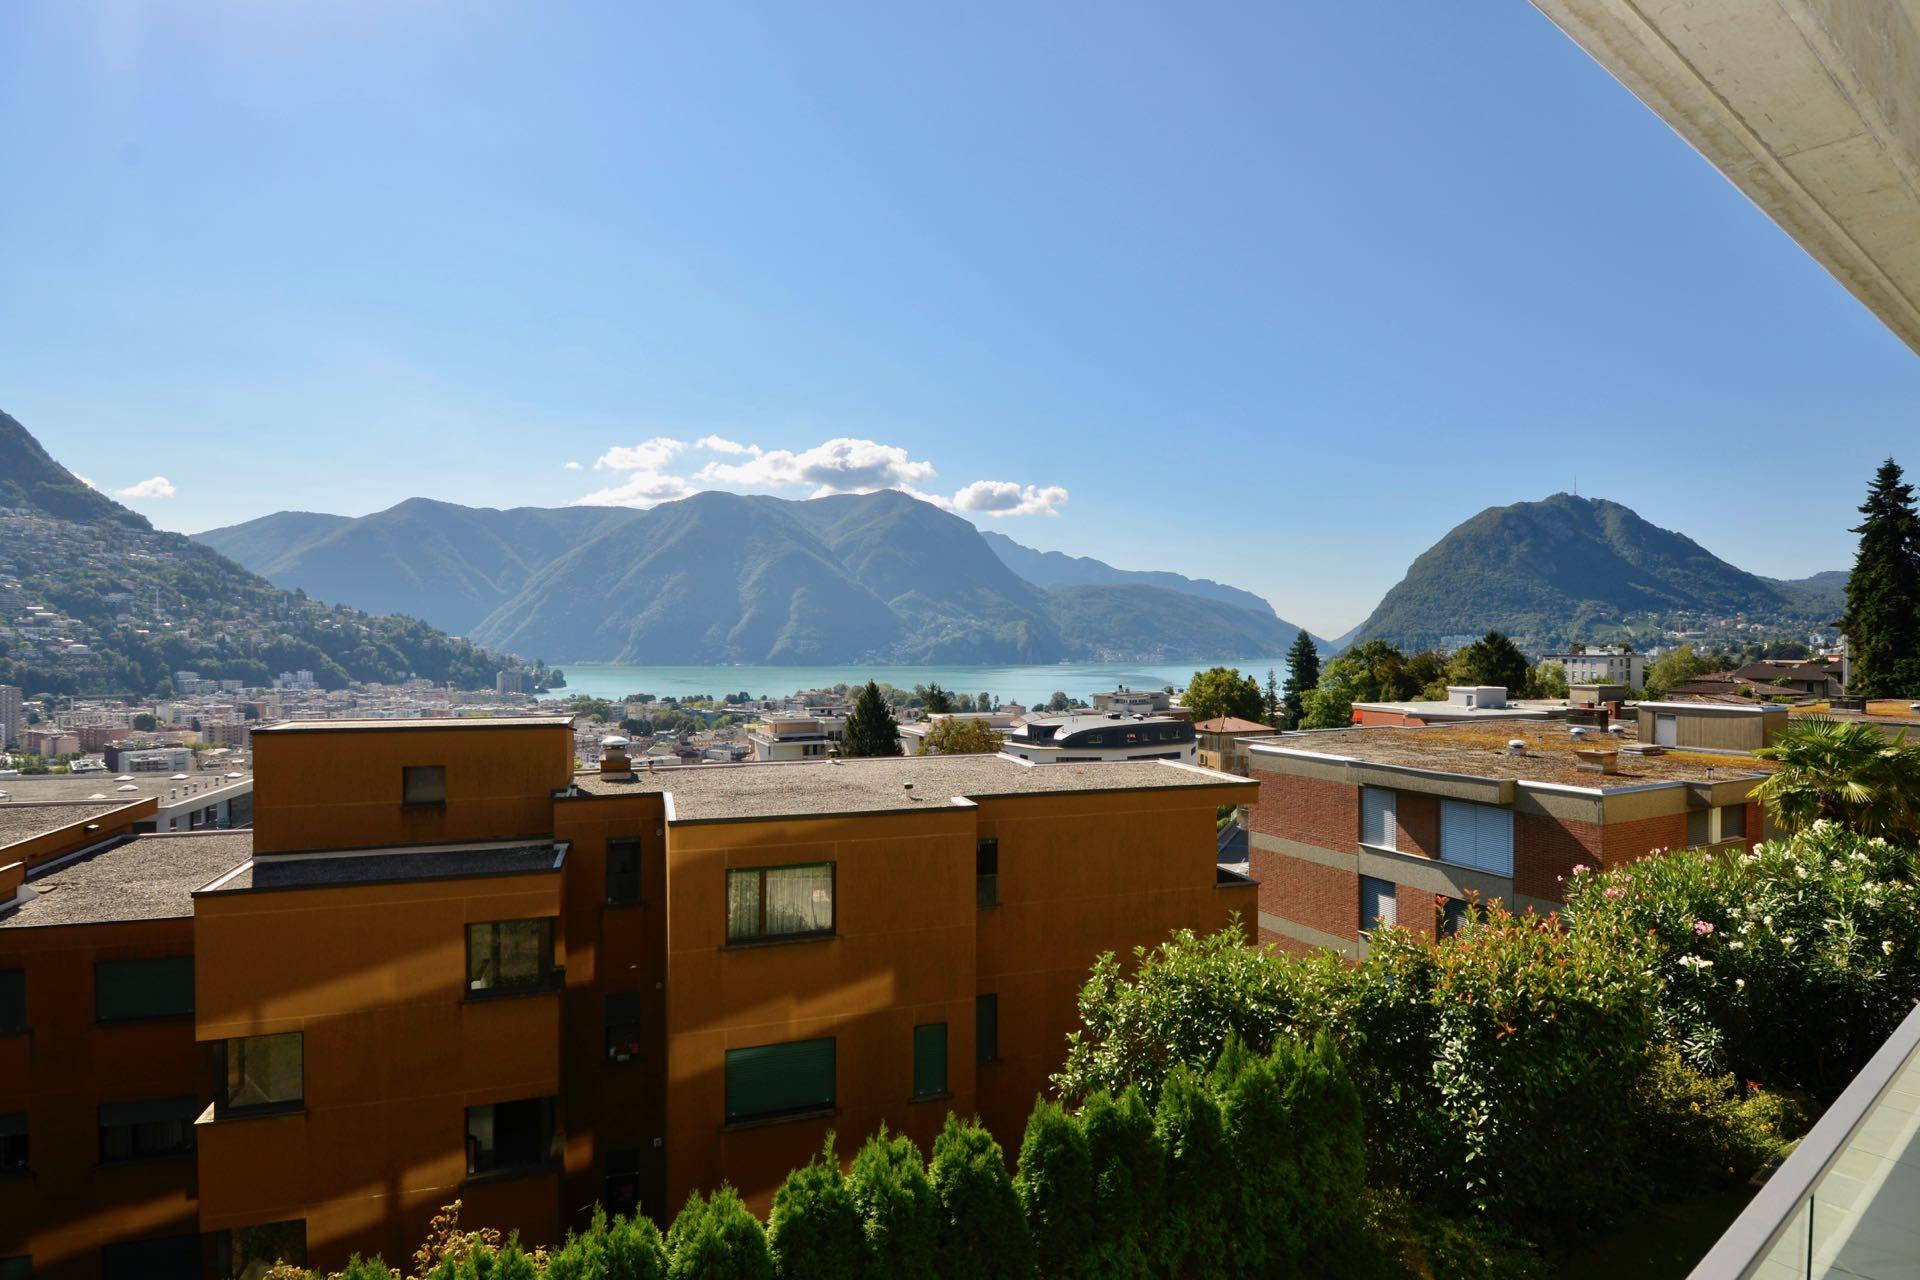 Splendida vista sul lago della terrazza. Cucina e sala pranzo con vista sul lago. Appartamento moderno a Lugano in vendita in posizione strategica con stupenda vista sul Lago di Lugano.